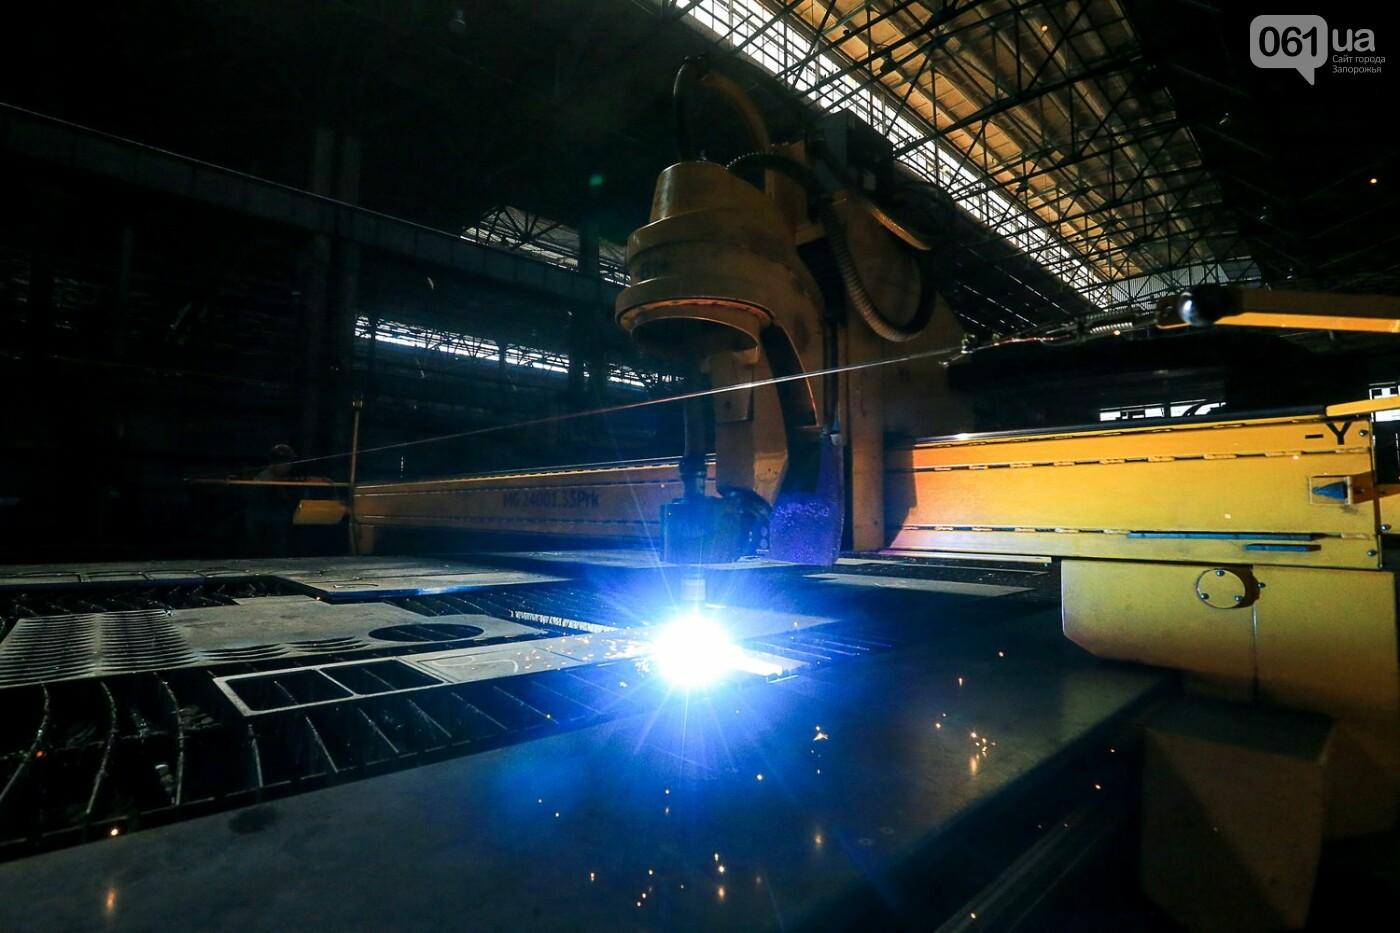 Как в Запорожье работает крупнейший в Европе завод по производству кранов: экскурсия на производство, — ФОТОРЕПОРТАЖ, фото-16